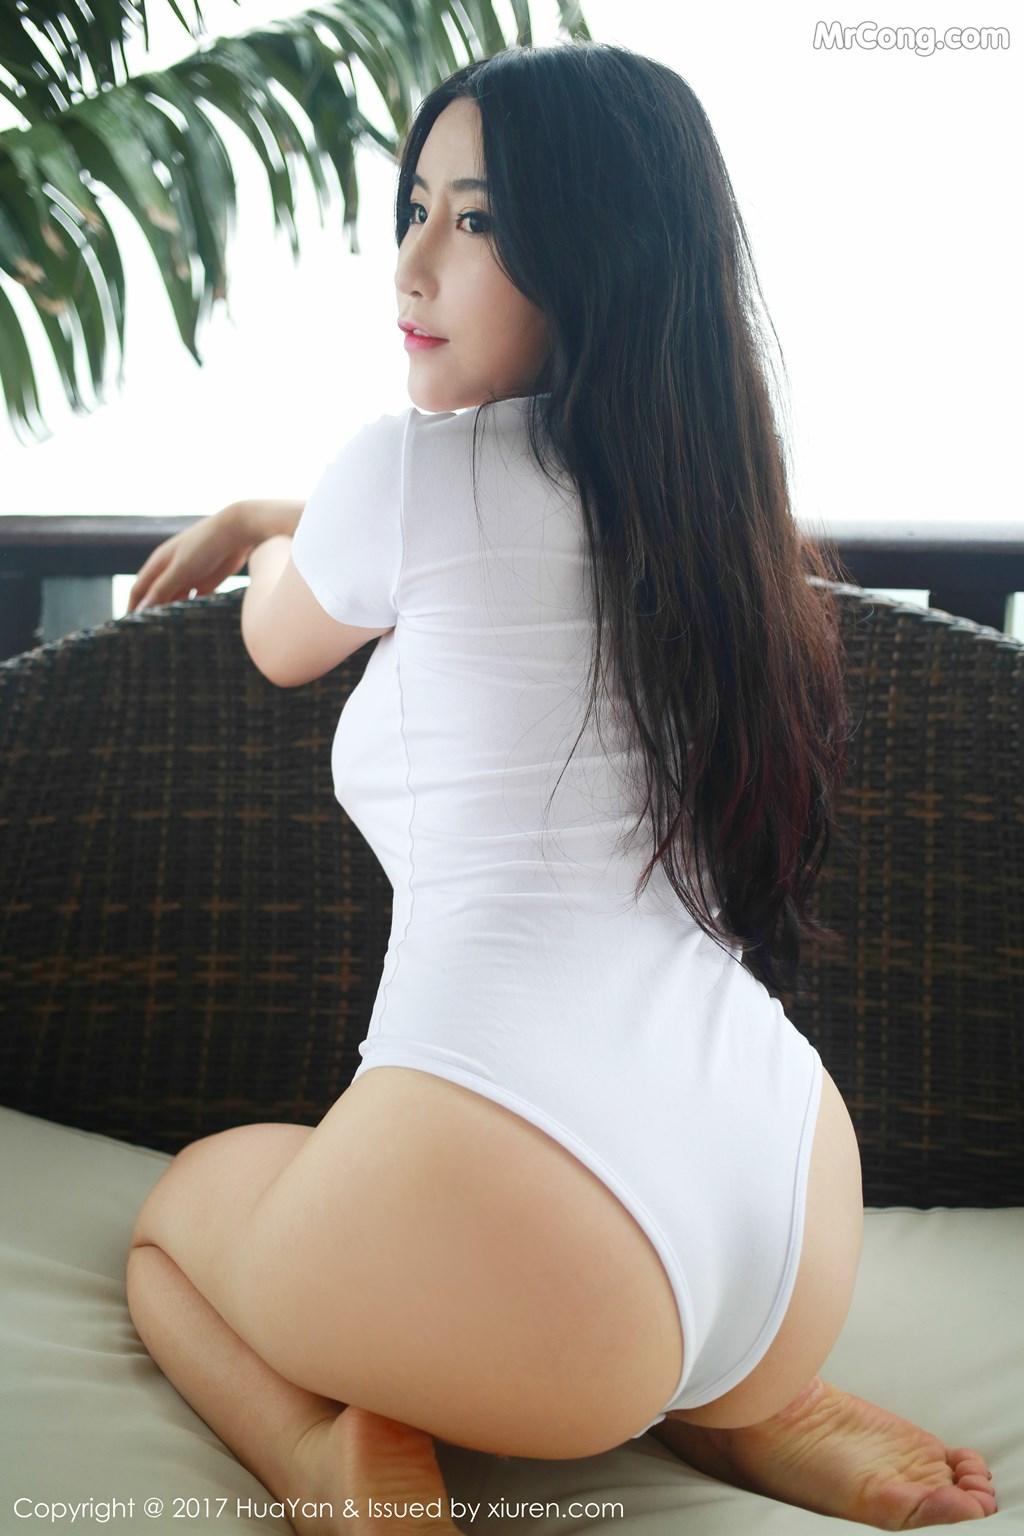 Image HuaYan-Vol.051-Sindy-Xie-Zhixin-MrCong.com-008 in post HuaYan Vol.051: Người mẫu Sindy (谢芷馨) (51 ảnh)